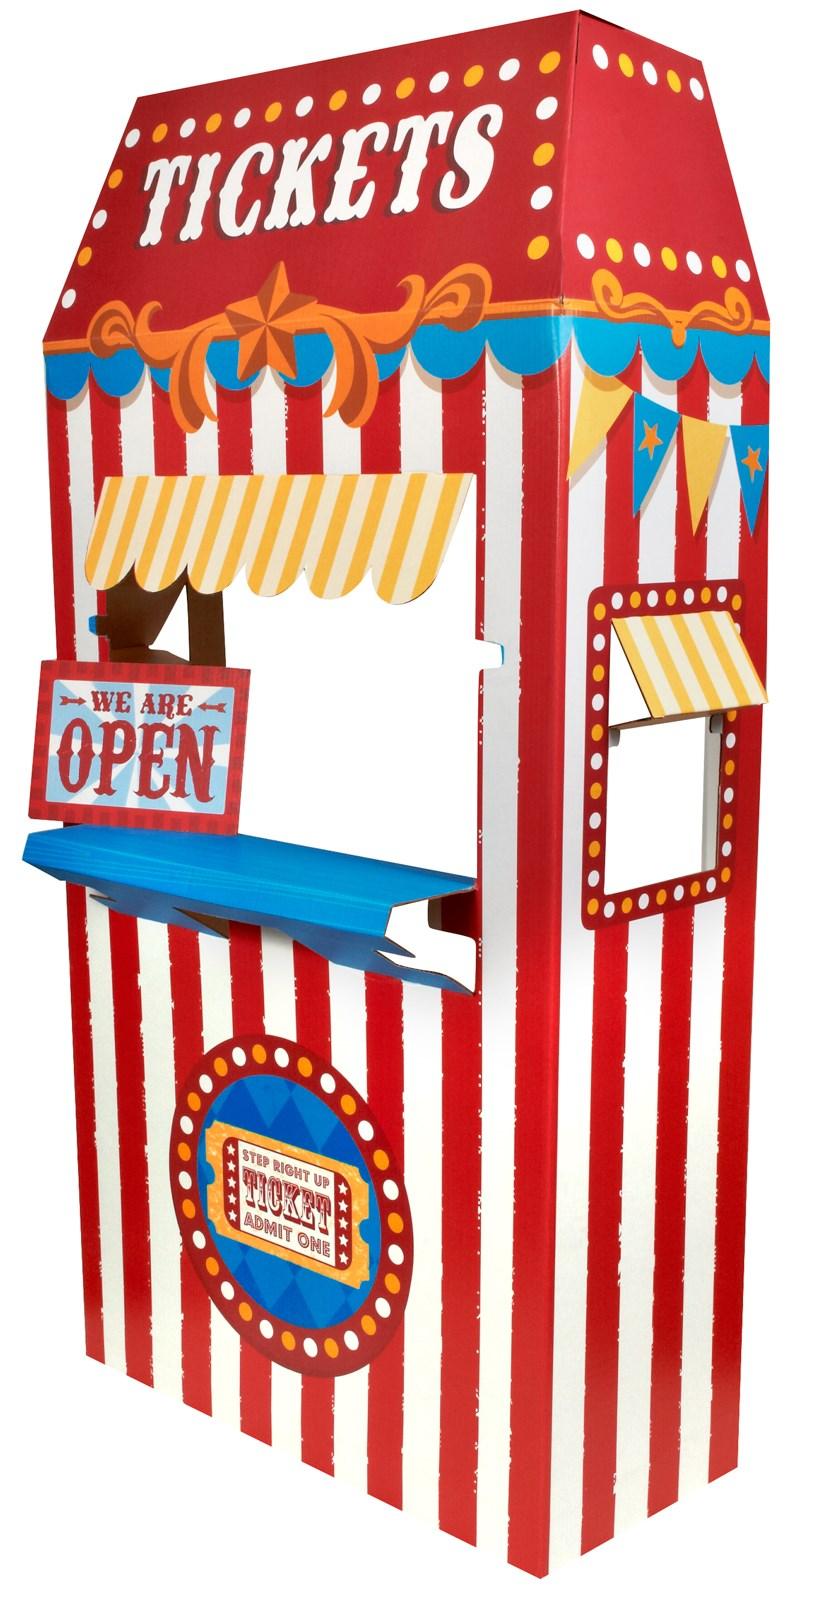 Ticket Booth Cardboard Stand 6 Tall BirthdayExpresscom